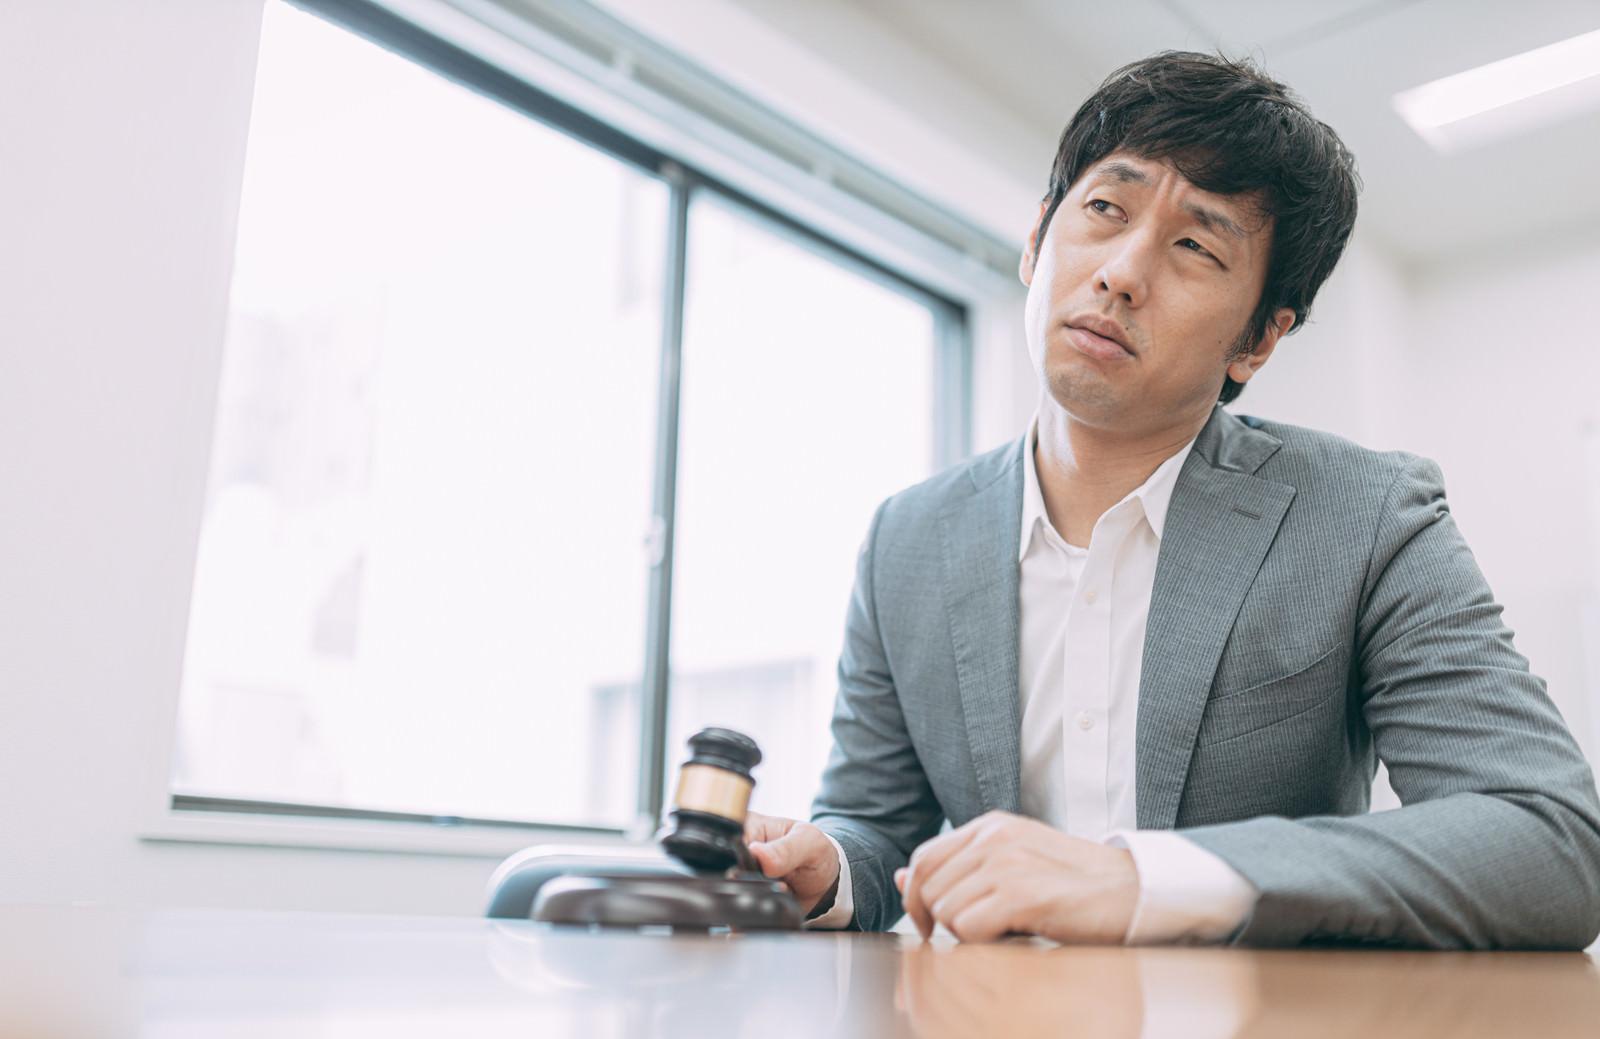 「まったく利益が出ずに落札終了で落胆する男性」の写真[モデル:大川竜弥]